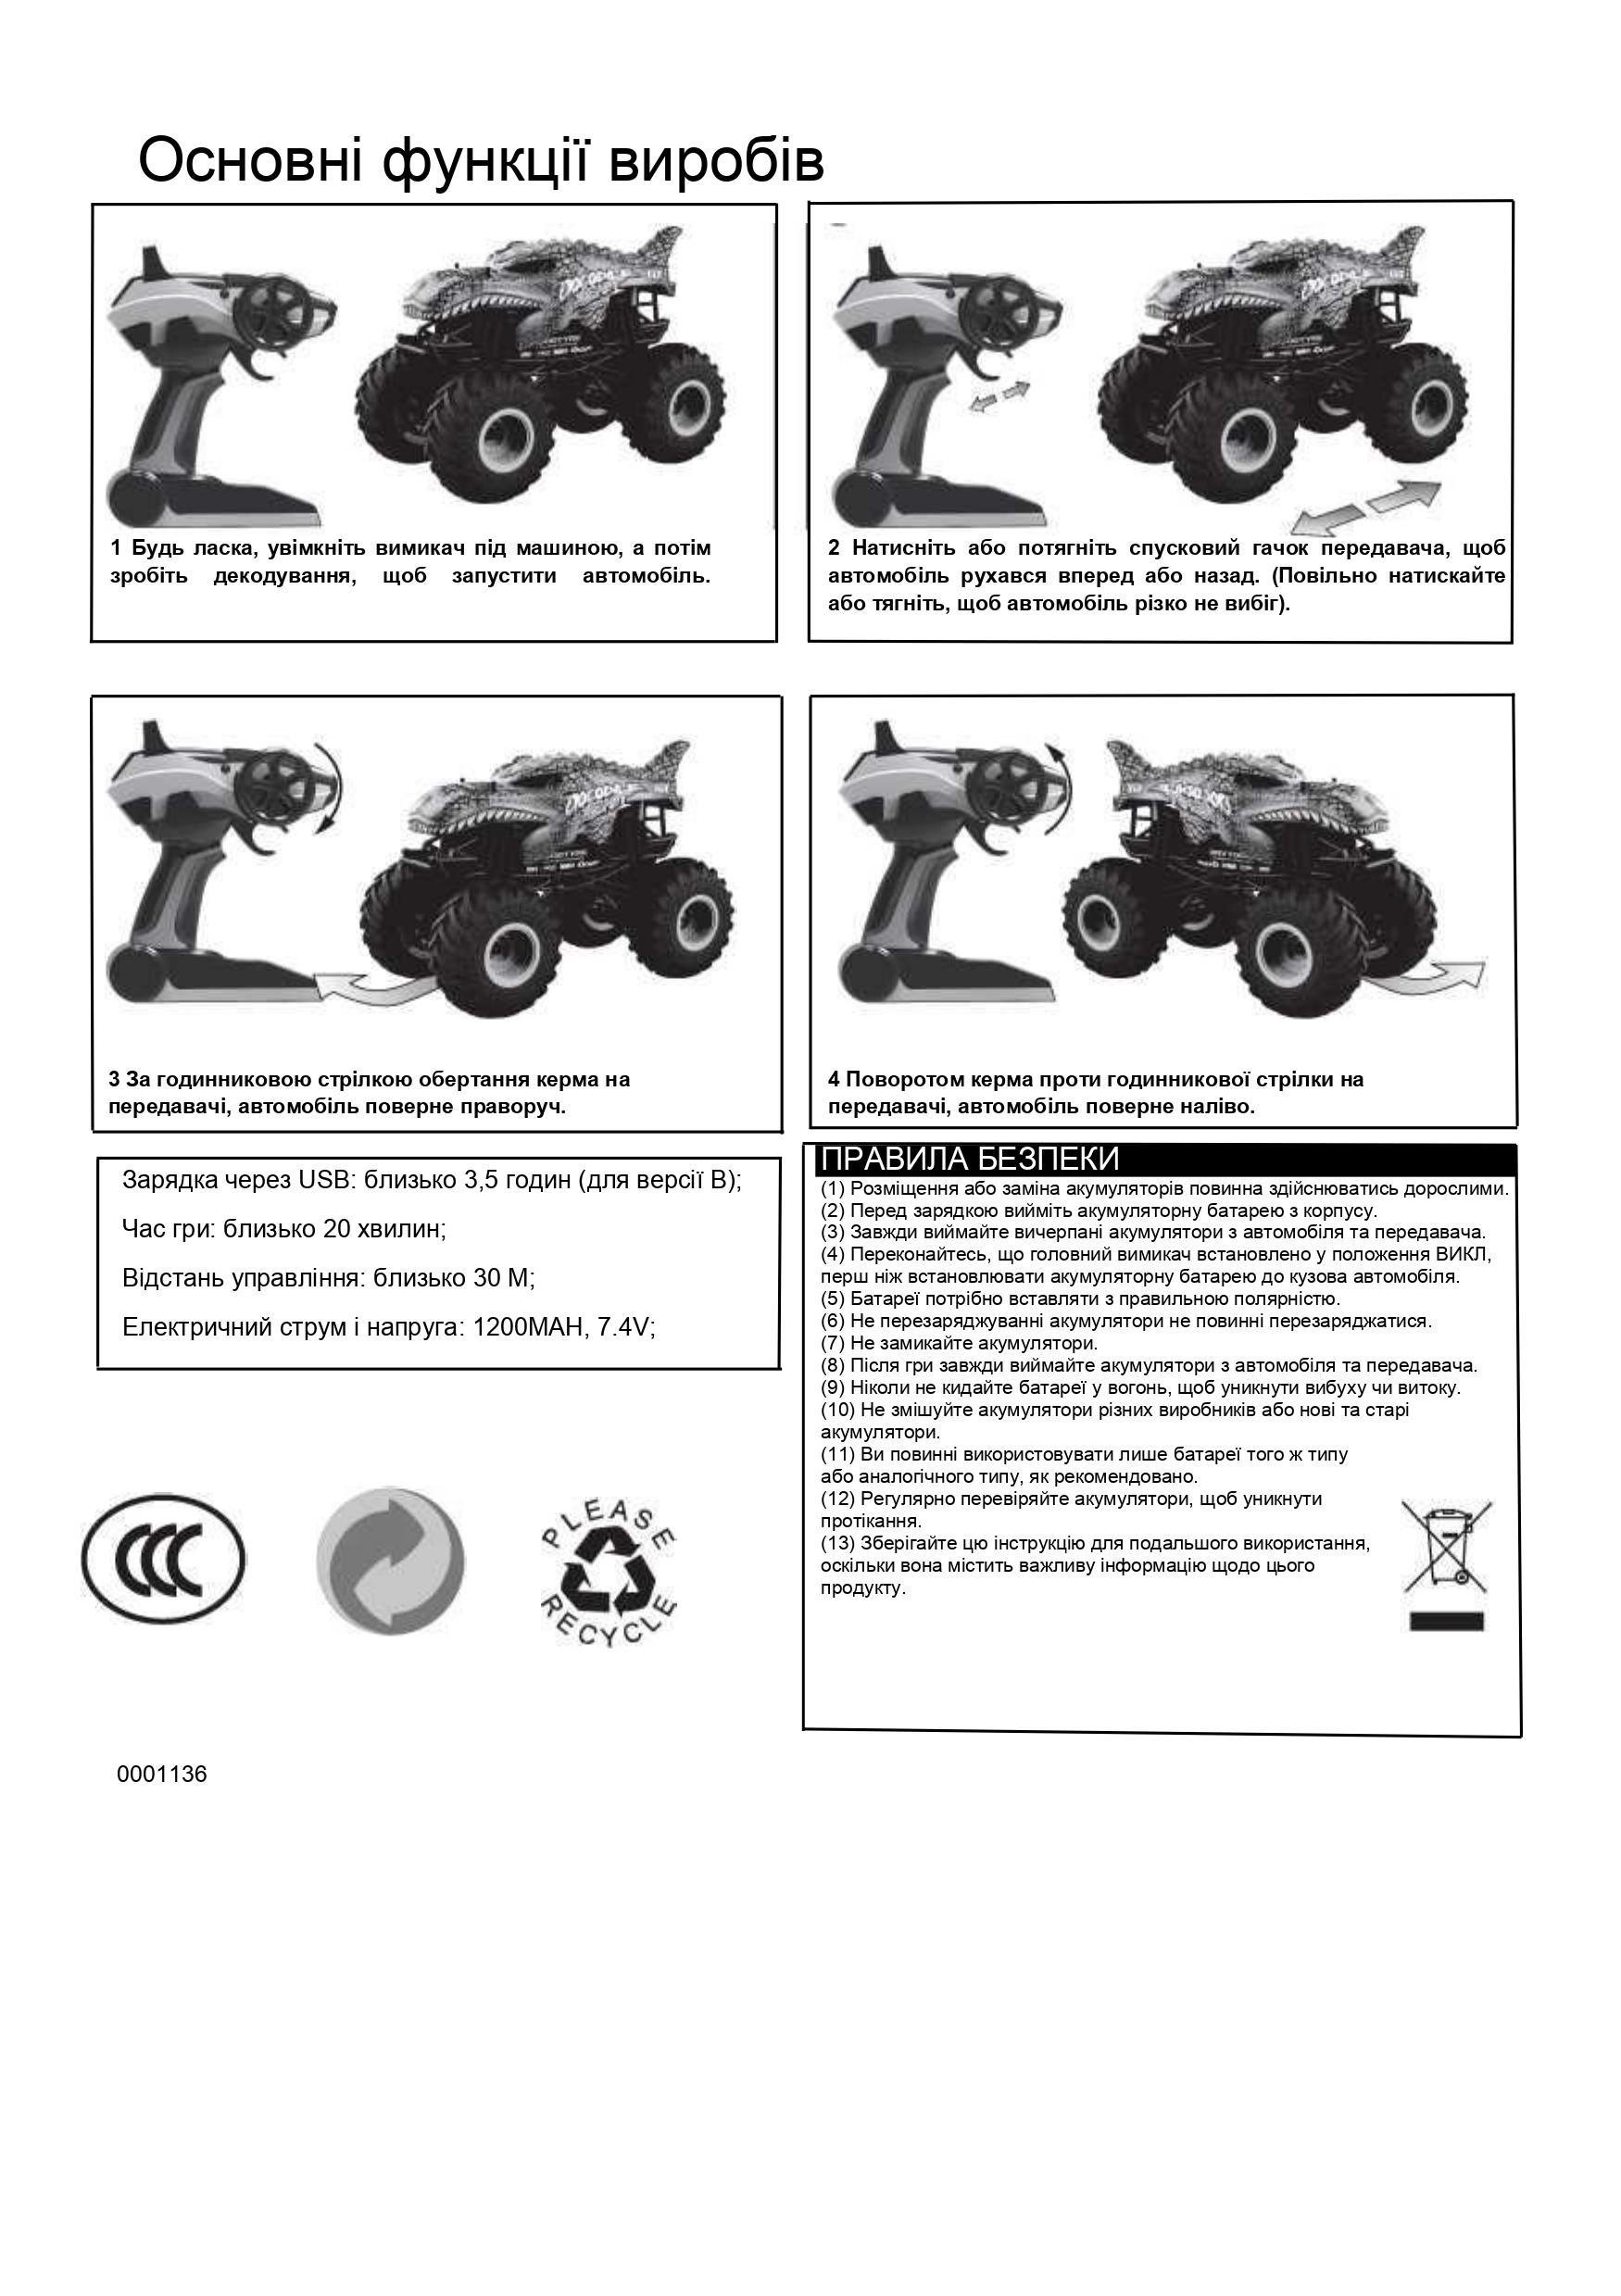 Фото Перевод инструкции к радиоуправляемой машинке с английского на украинский (стр 2)